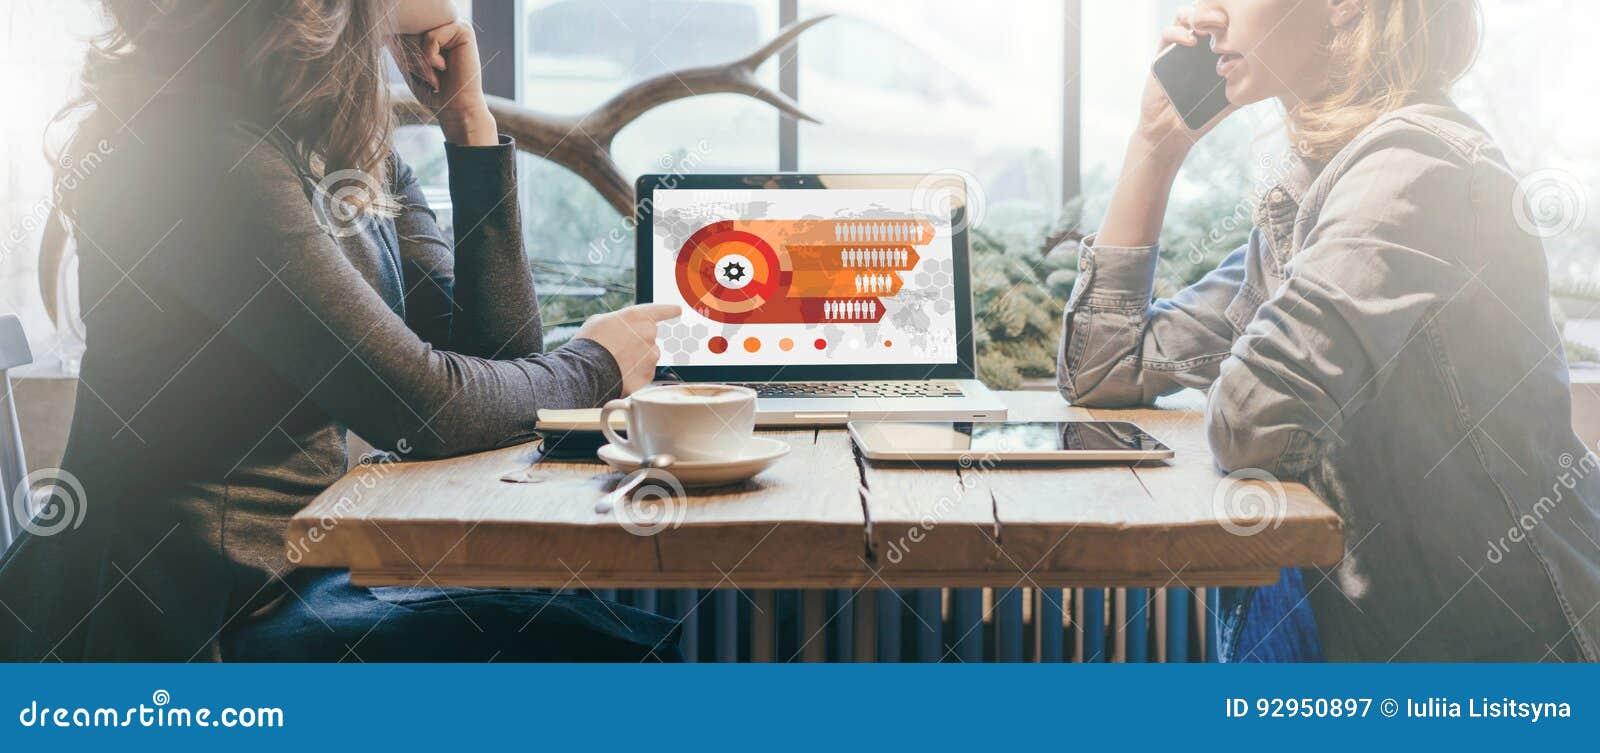 Ομαδική εργασία, δύο νέες επιχειρηματίες που κάθεται πέρα από τον πίνακα μεταξύ τους Στο επιτραπέζιο lap-top, φλυτζάνι καφέ και υ